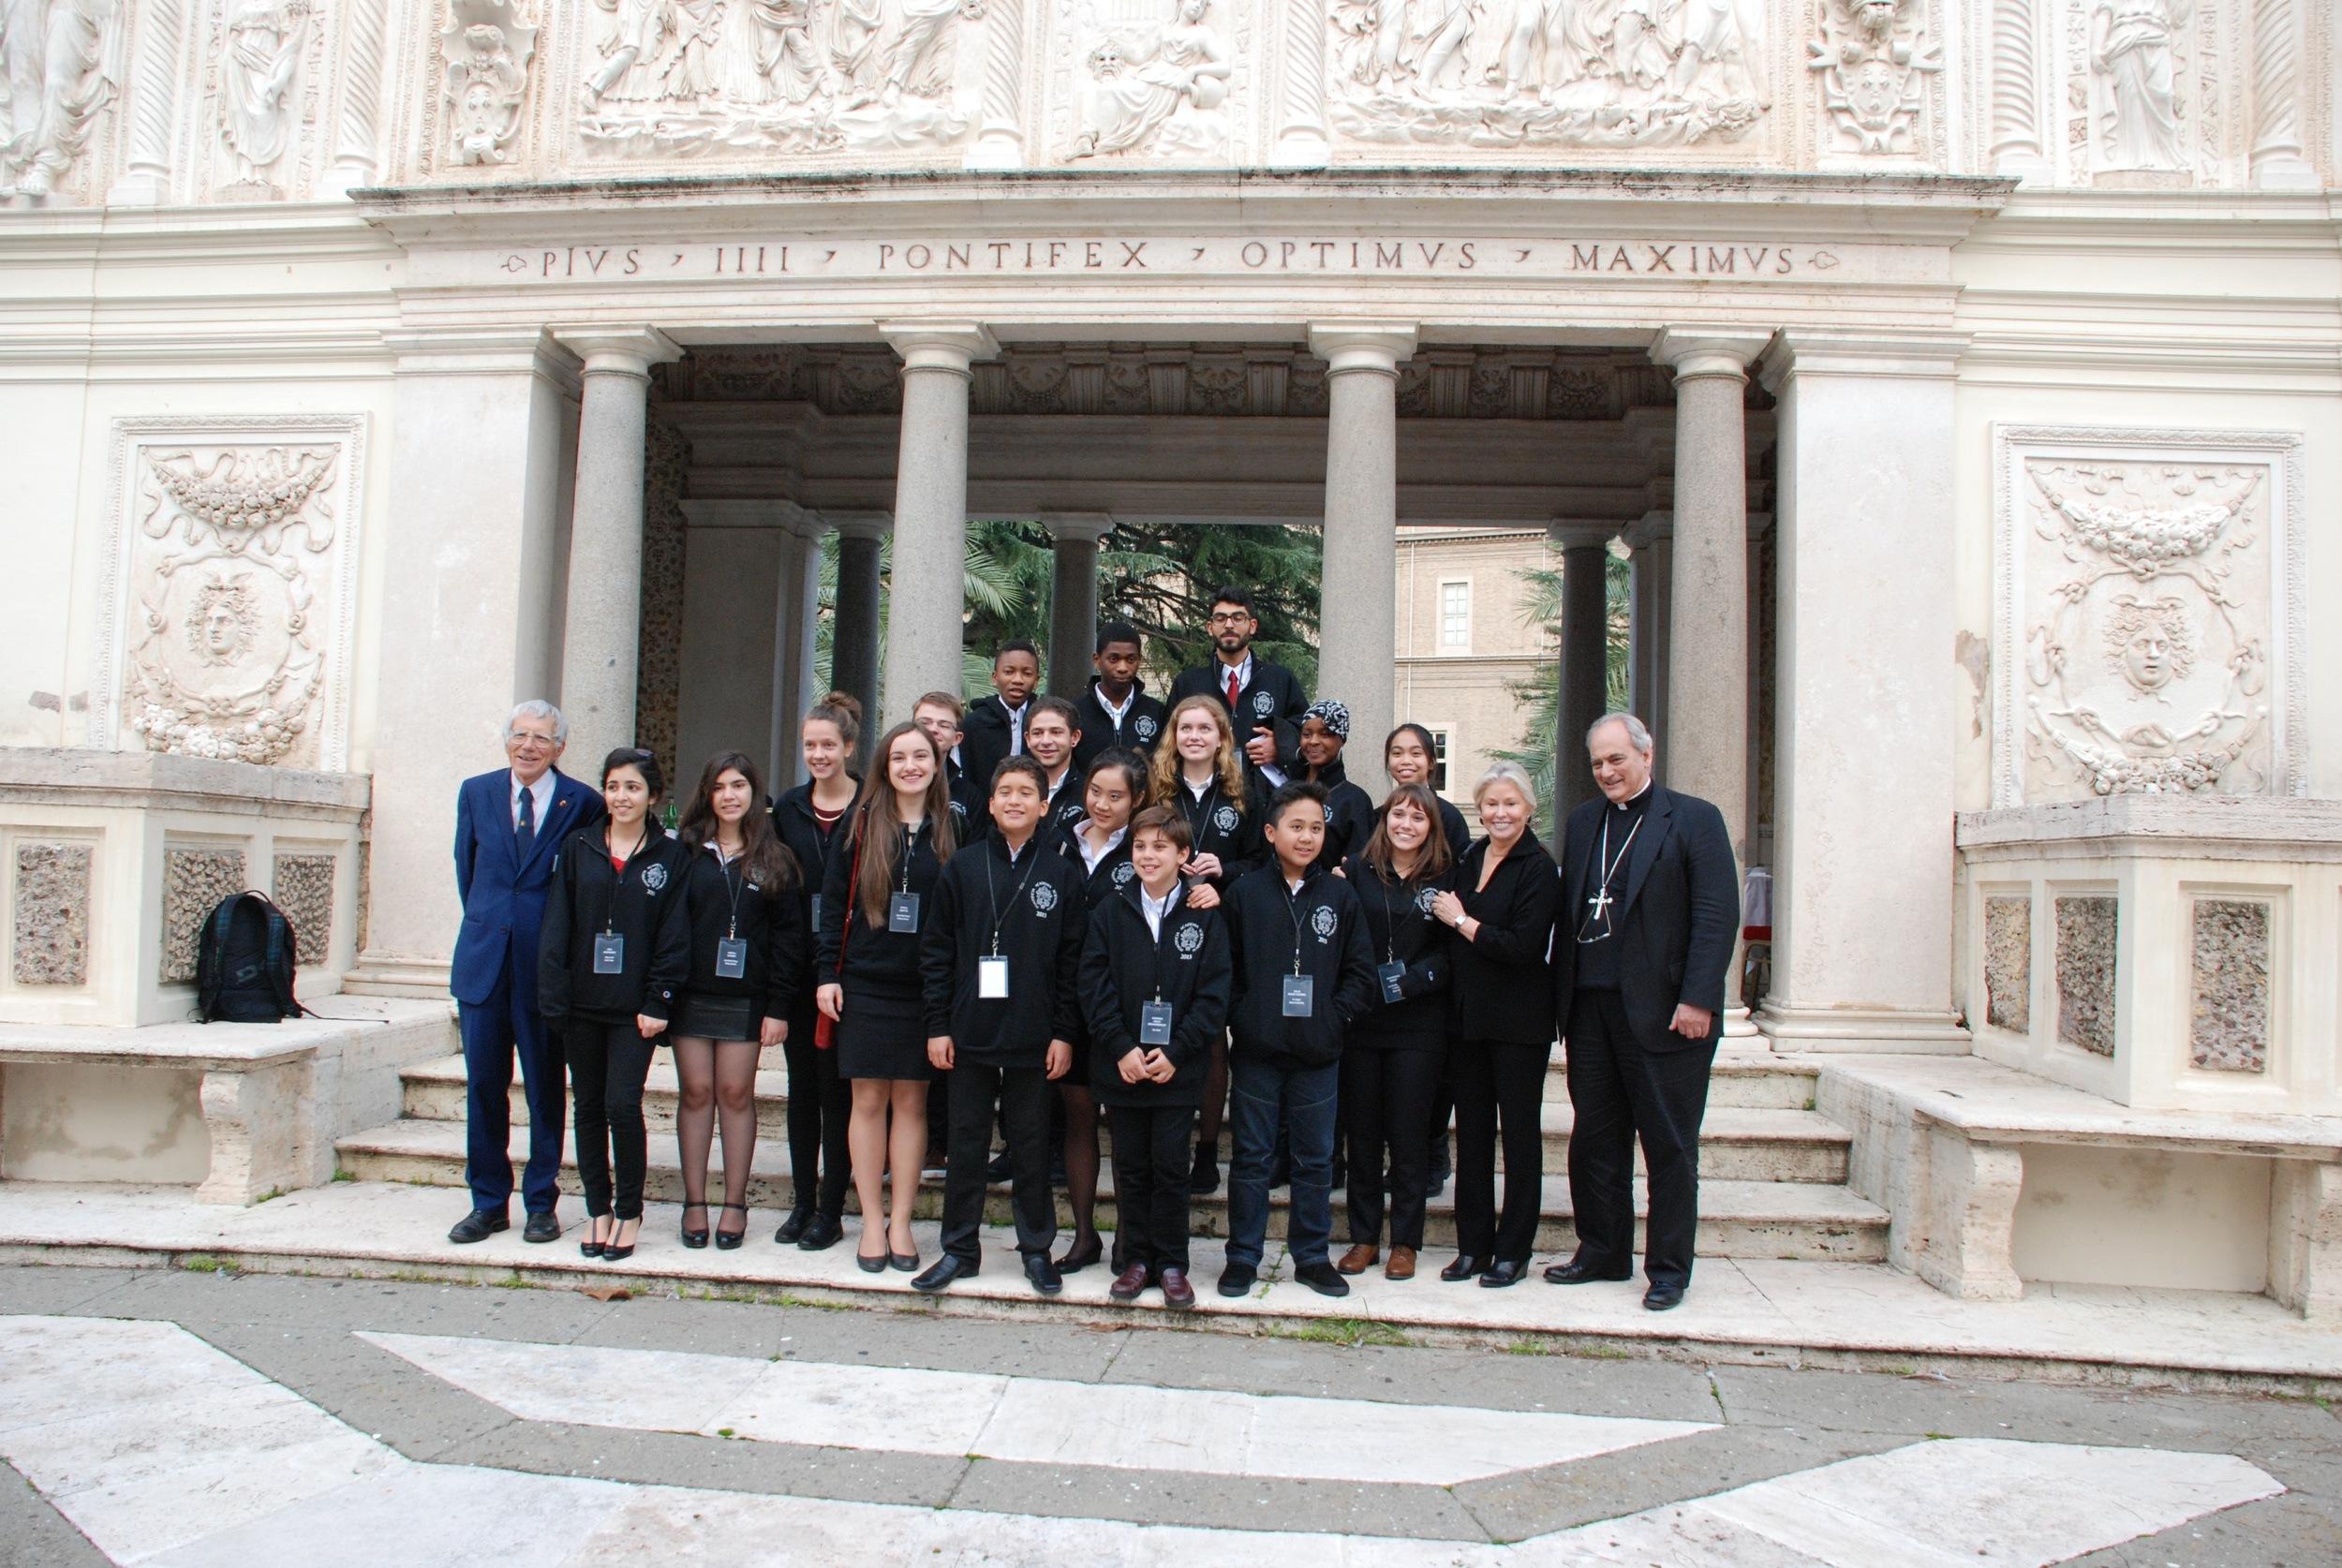 Students at Vatican